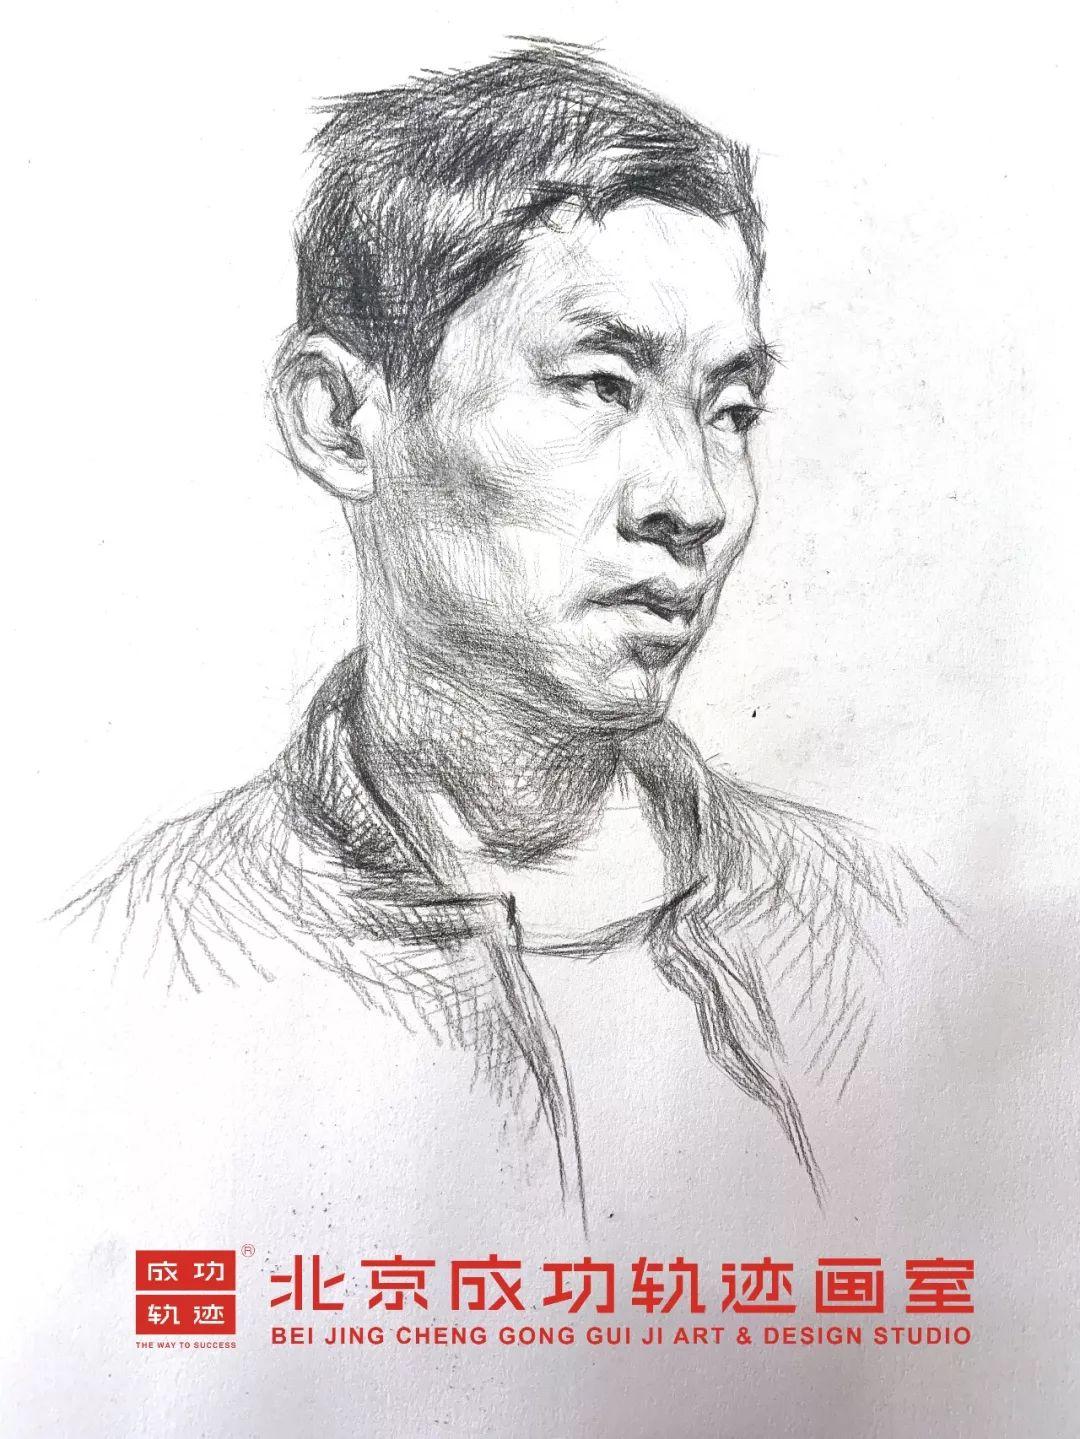 【成功轨迹直播课堂】带你解密联考素描头像,北京画室,北京美术培训    14